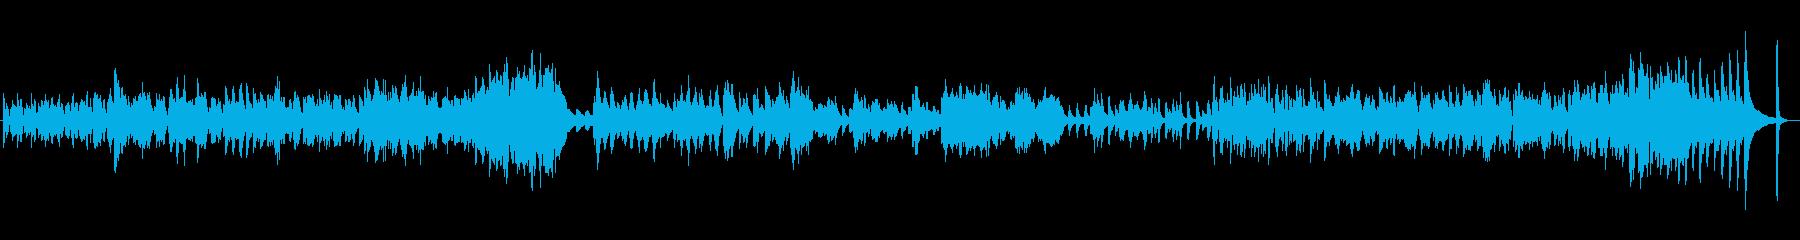 ドビュッシー小組曲2番「行列」の再生済みの波形